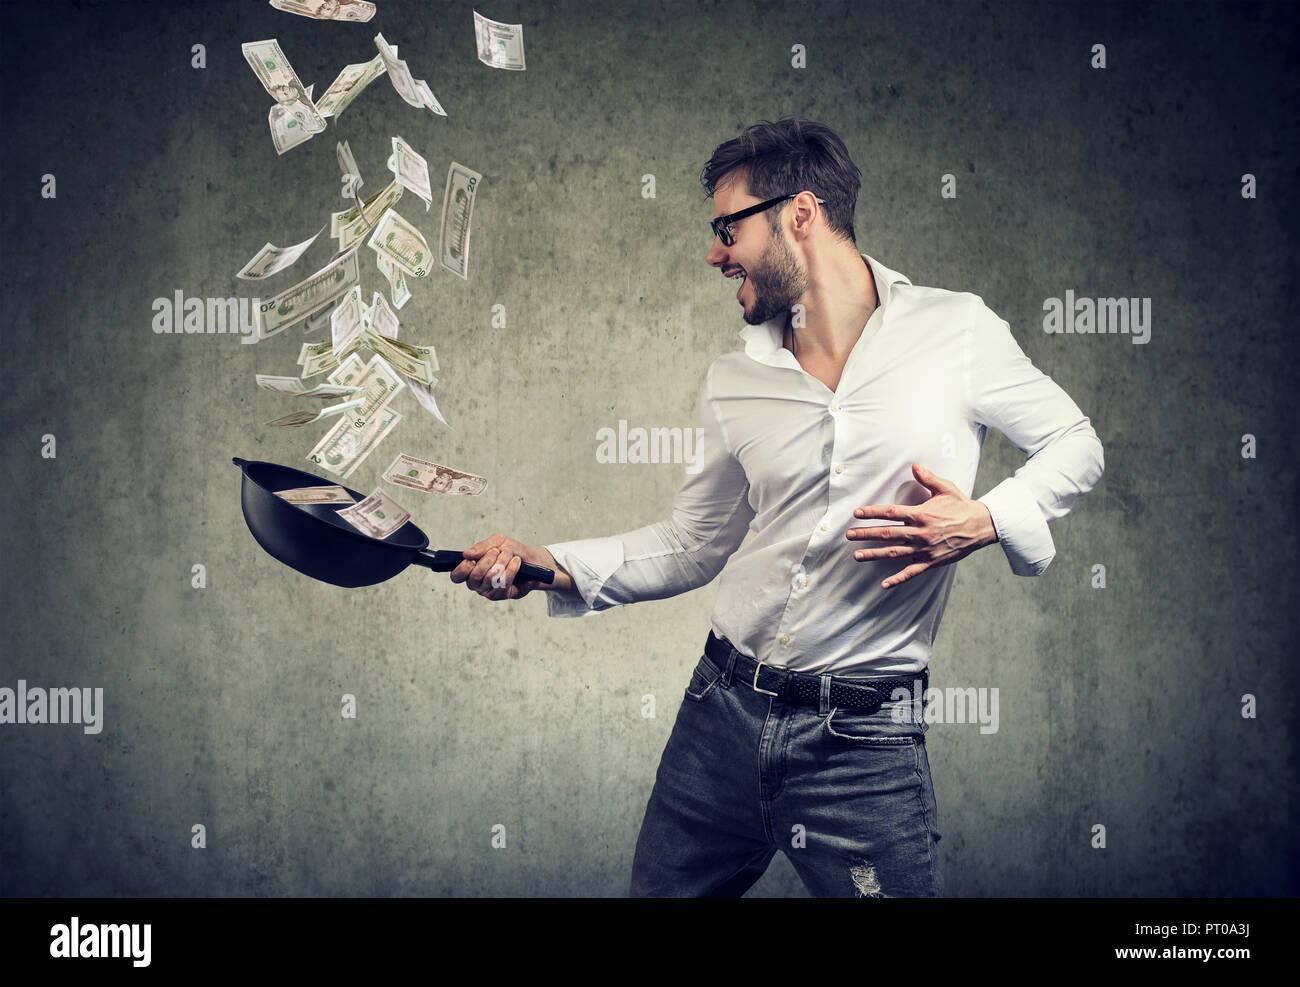 Contenido suoper emocionado hombre con sartén llena de billetes de dólar sobre fondo gris Imagen De Stock